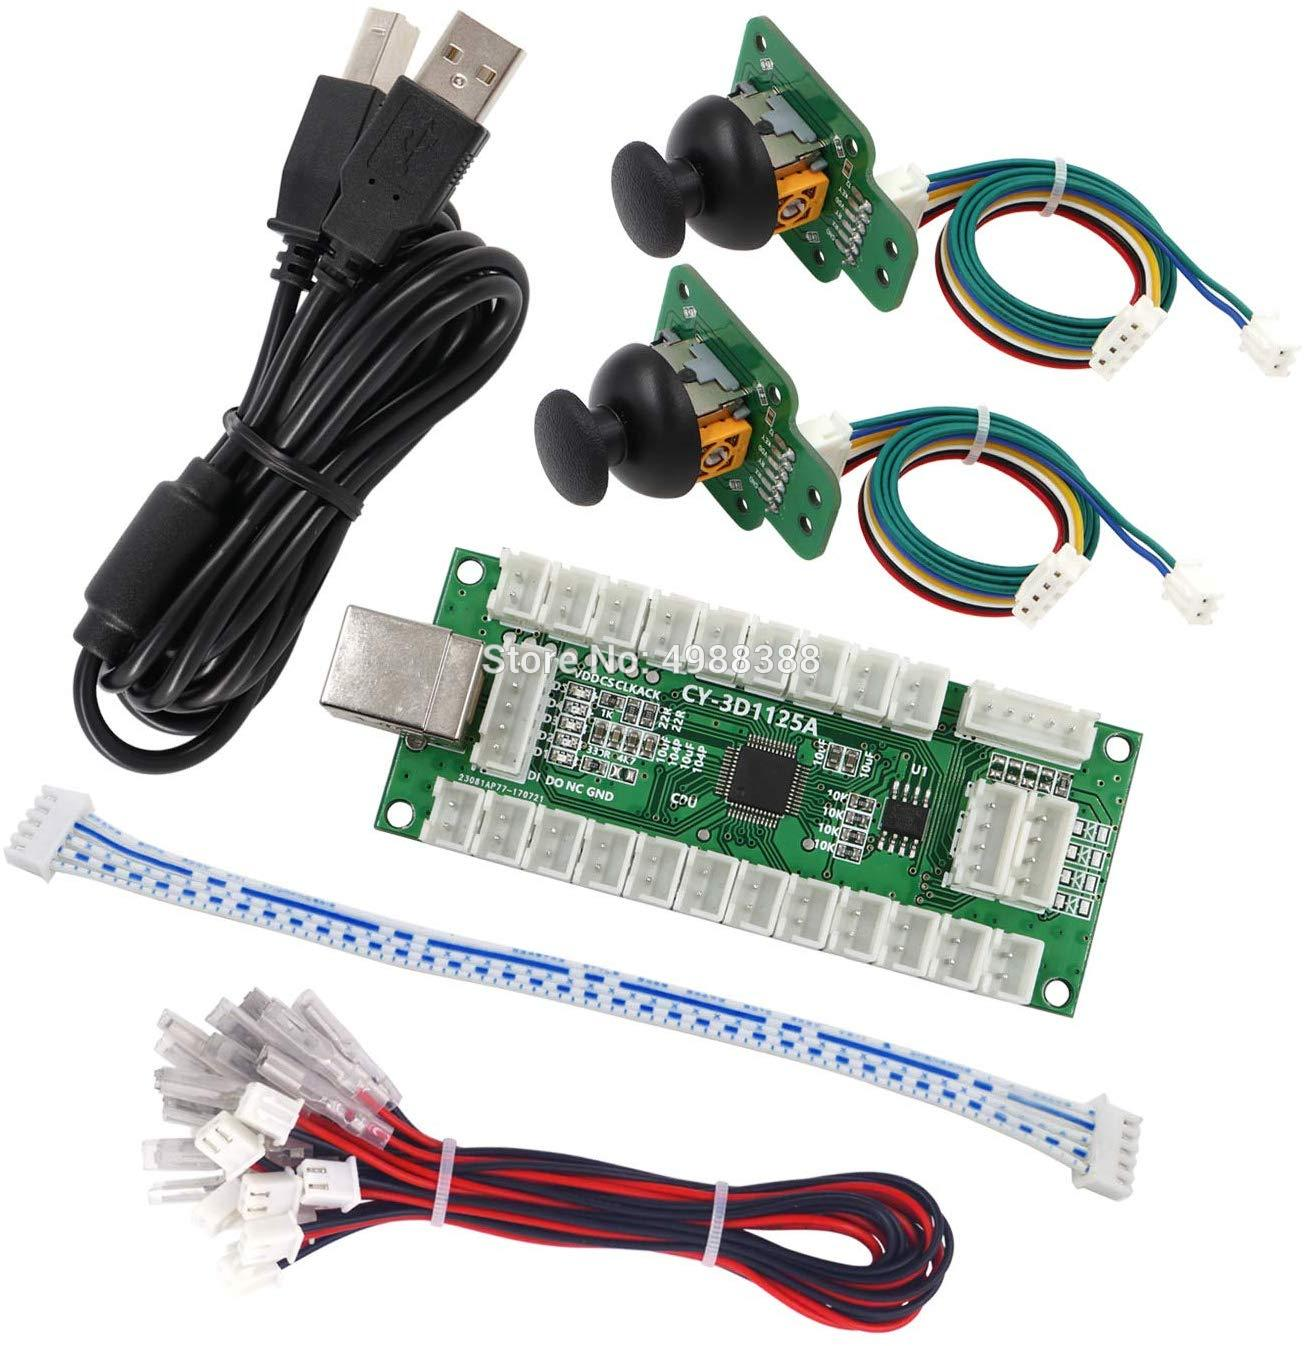 Джойстик, контроллер для аркадных игр, 3D геймпад, аналоговый джойстик, USB, кабель кодирования для ПК, маме, PS3, Android